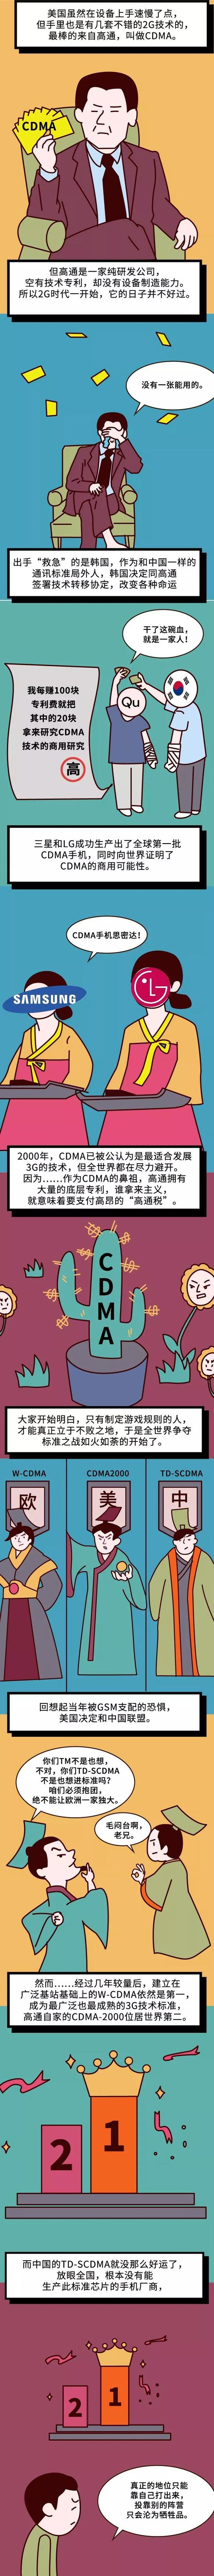 国际赌城网站 陈光明、丘栋荣推出新产品 超百亿长期资金即将进场